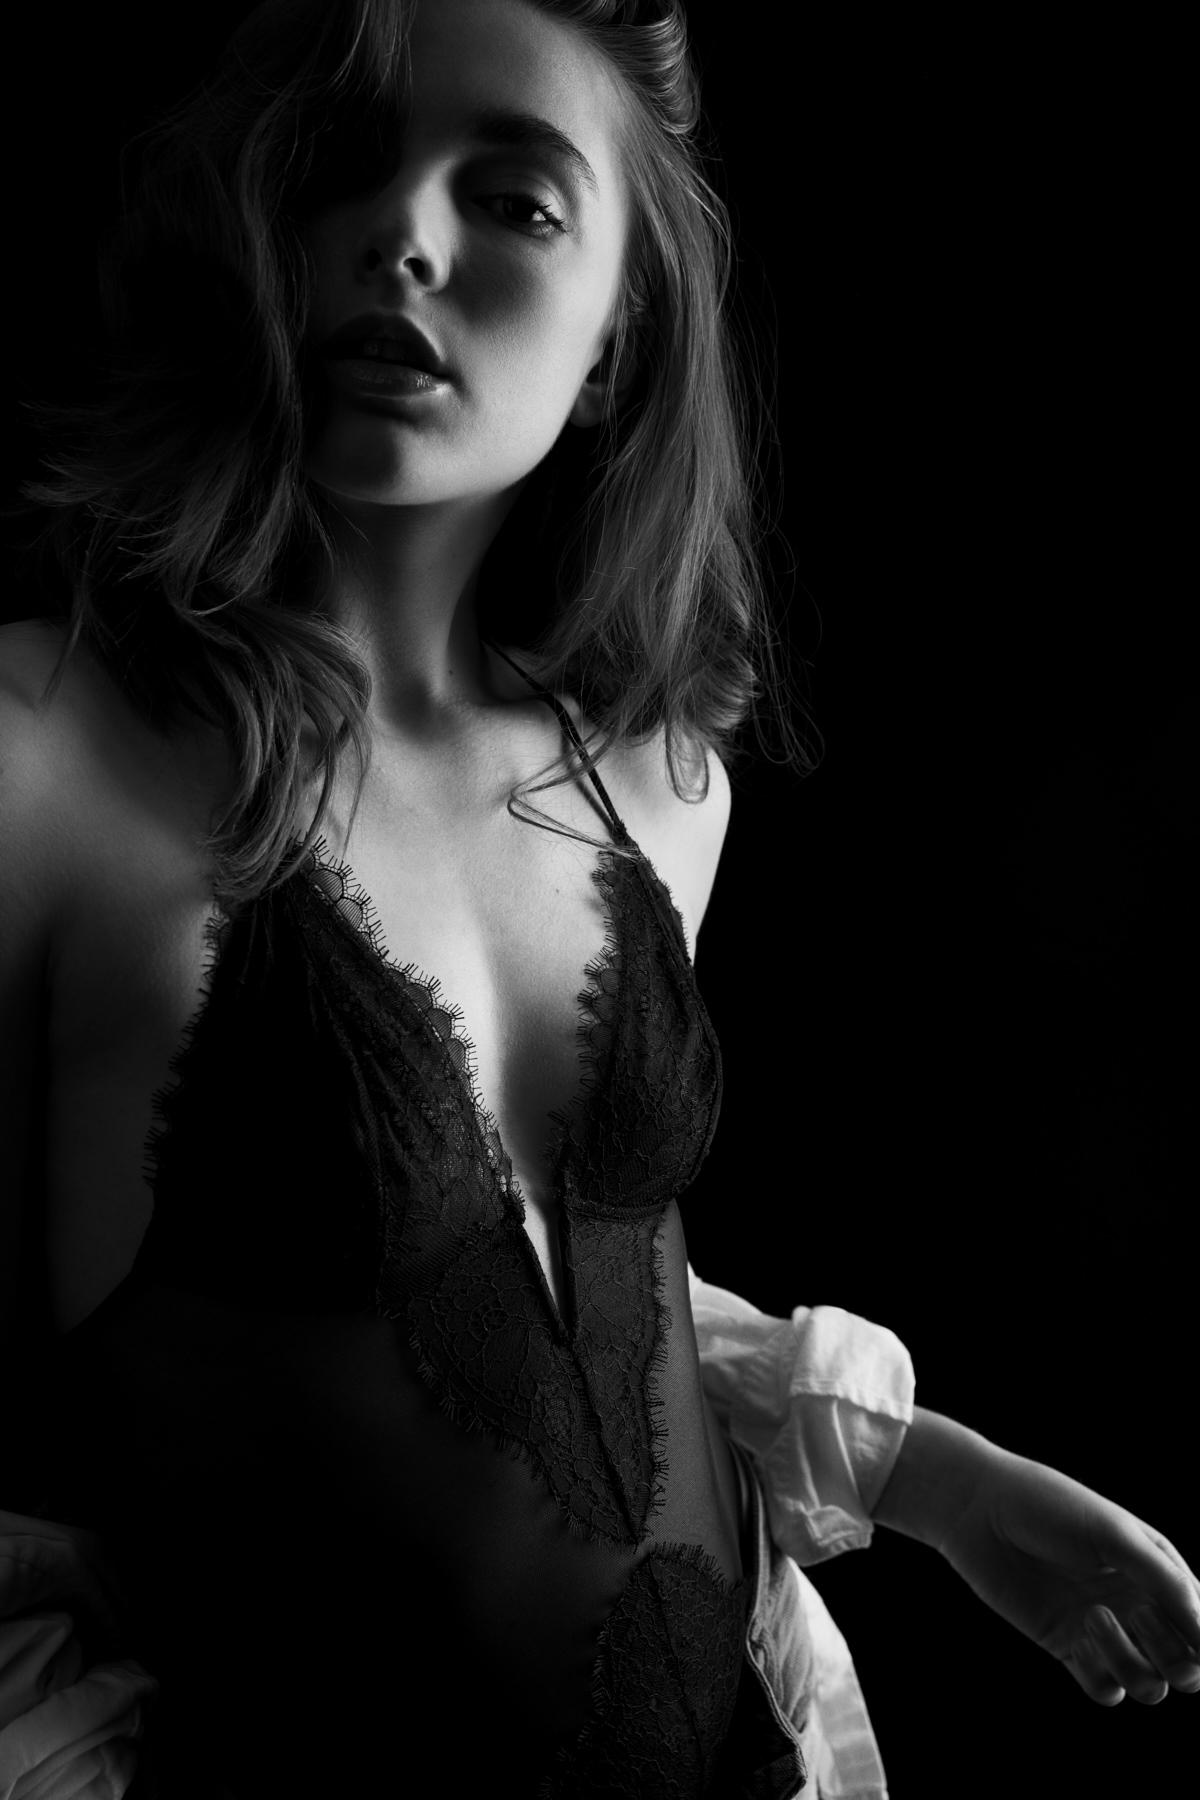 190319_DeannaMarie_C_113_R.jpg